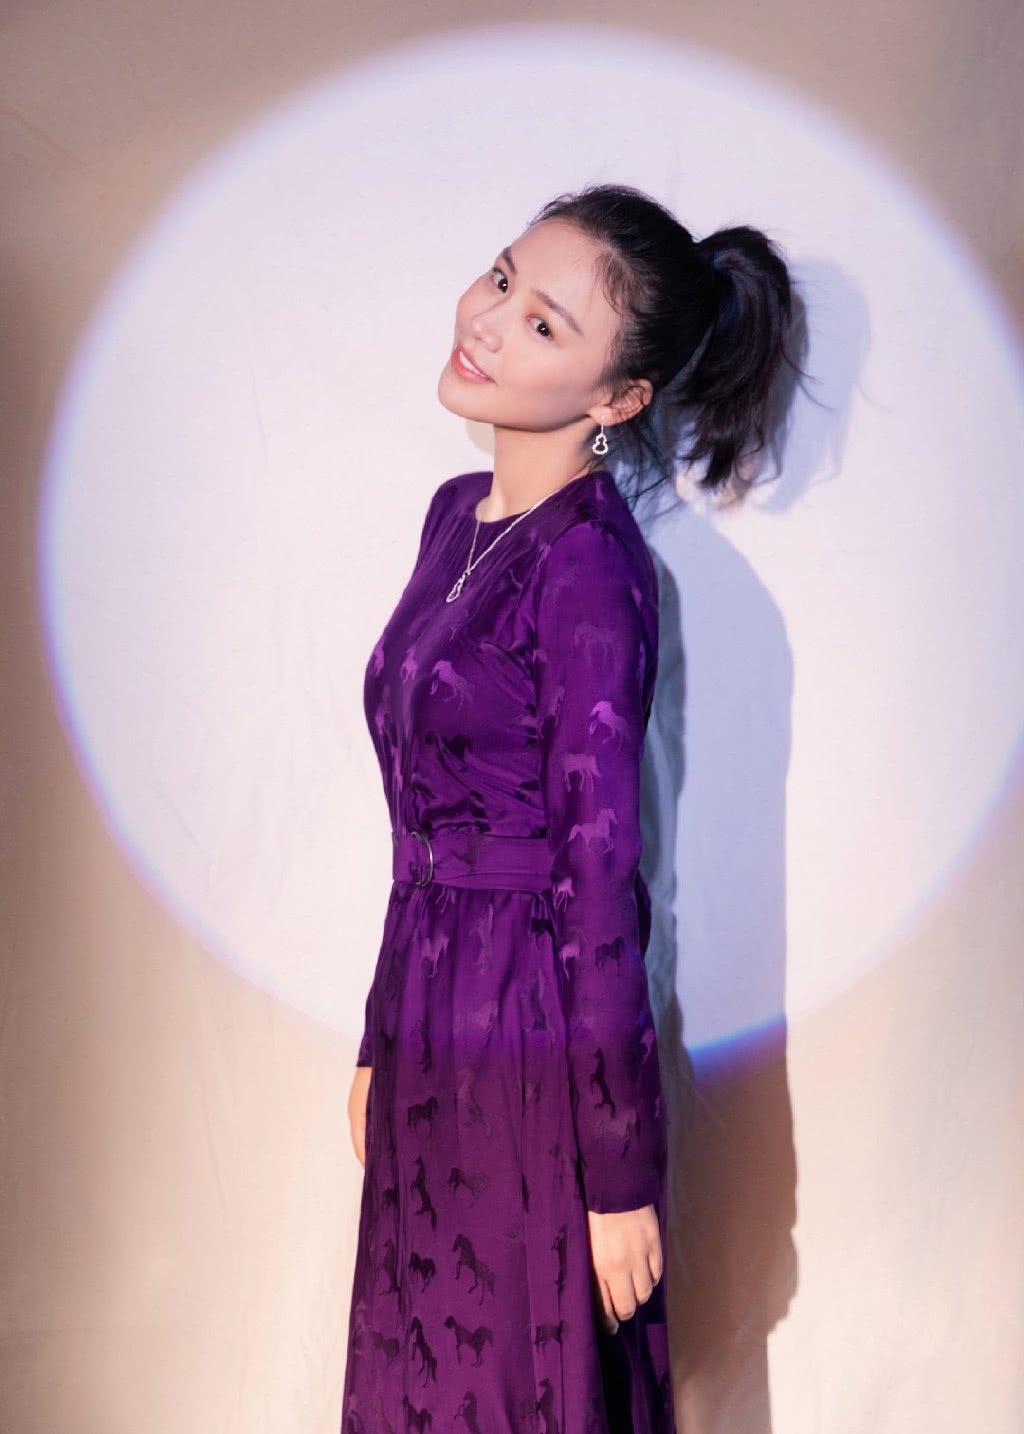 马思纯得罪造型师了?身穿紫色印花长裙亮相,莫名有点老气